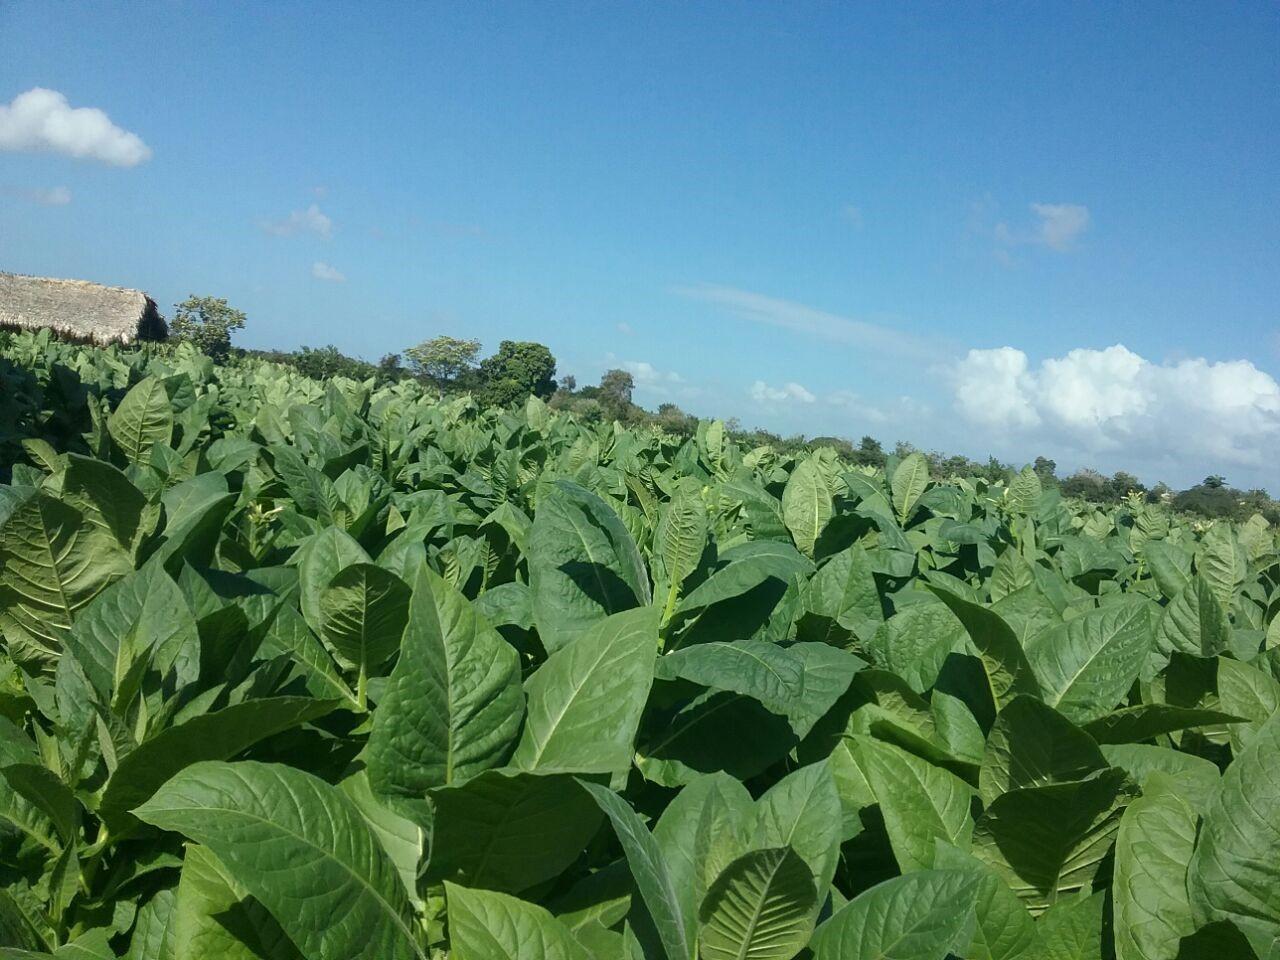 Tabak Plantage in der dominikanischen Republik. Aus diesem Tabak werden die Los Hermanos Zigarren hergestellt